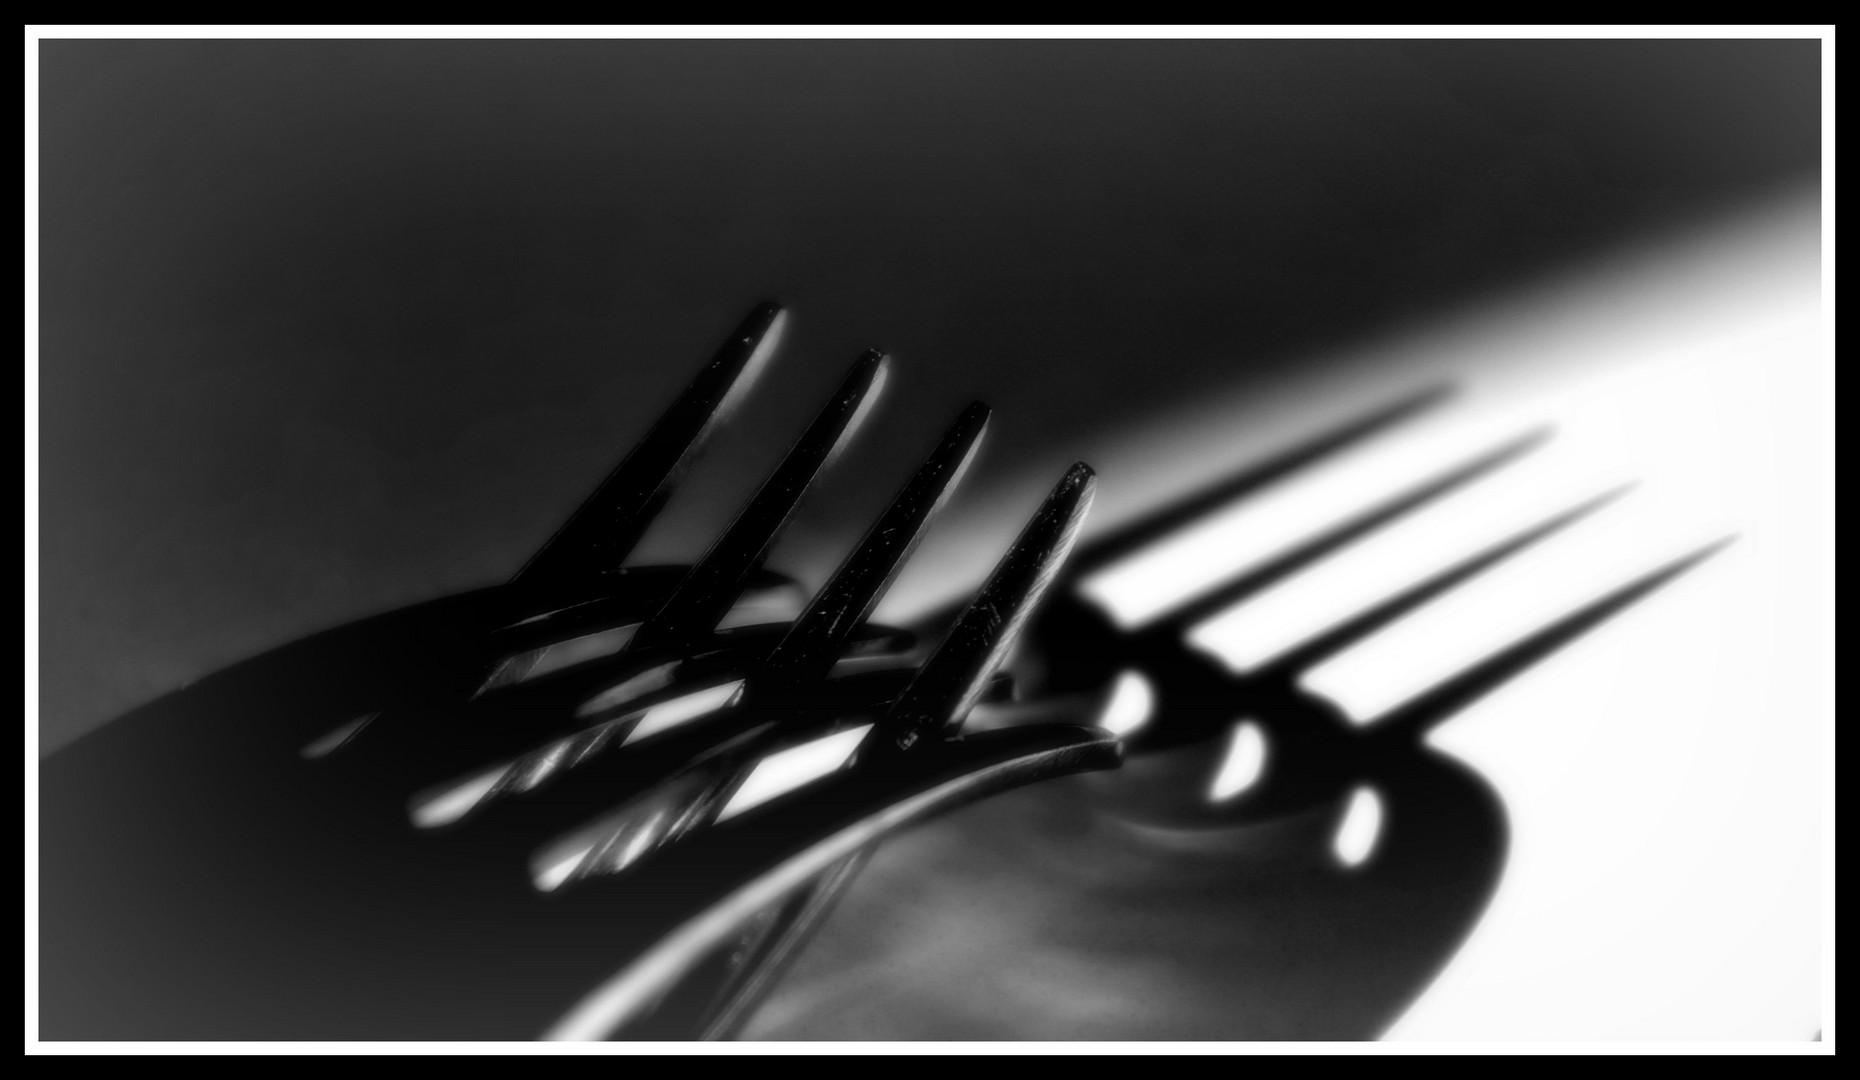 Forks in love